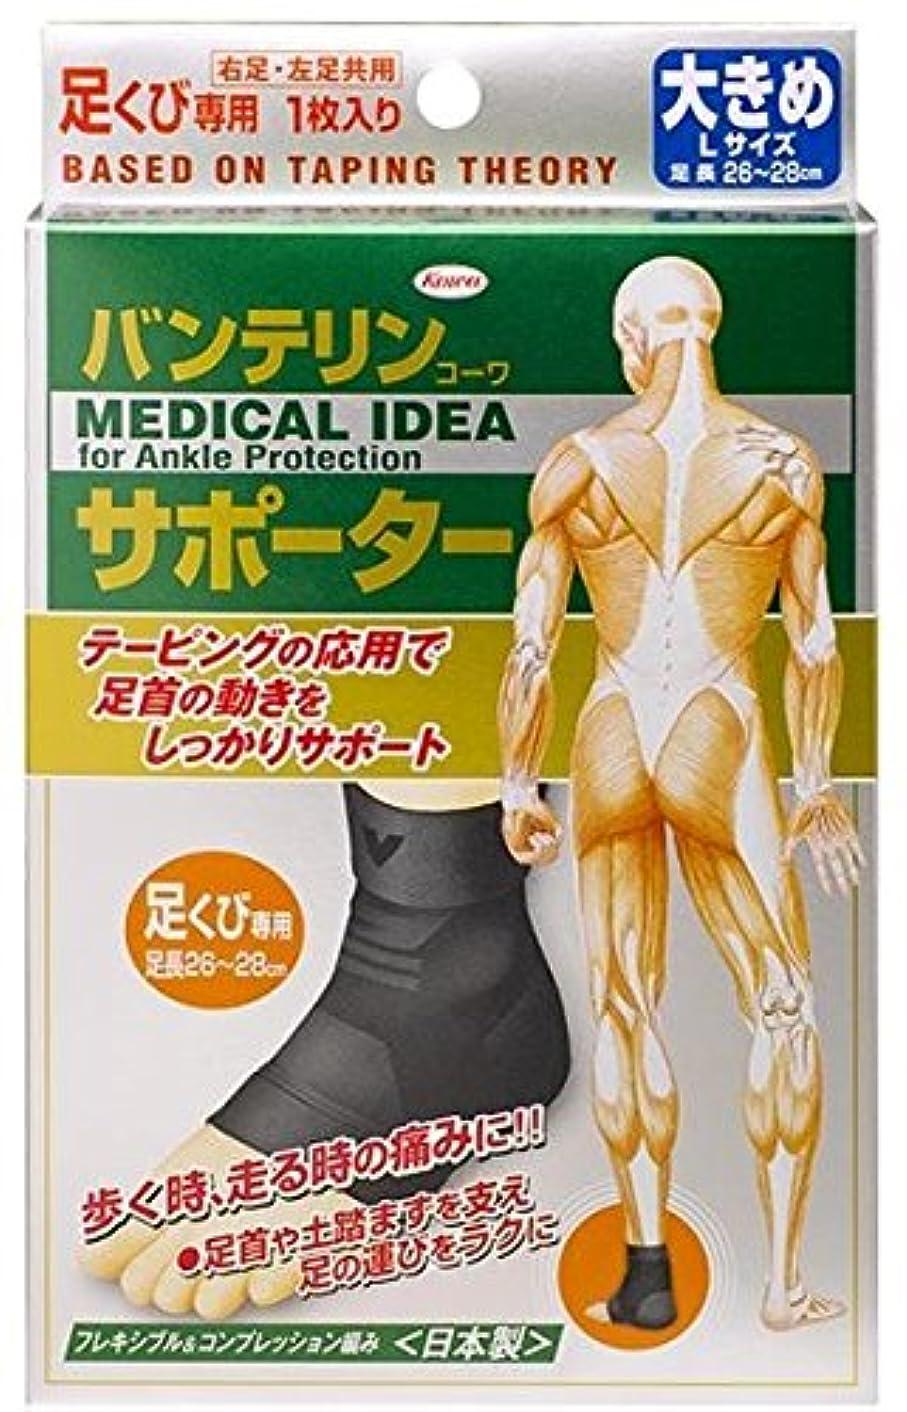 動脈想像するヘルパー興和(コーワ) バンテリンコーワサポーター 足くび専用 大きめLサイズ ブラック